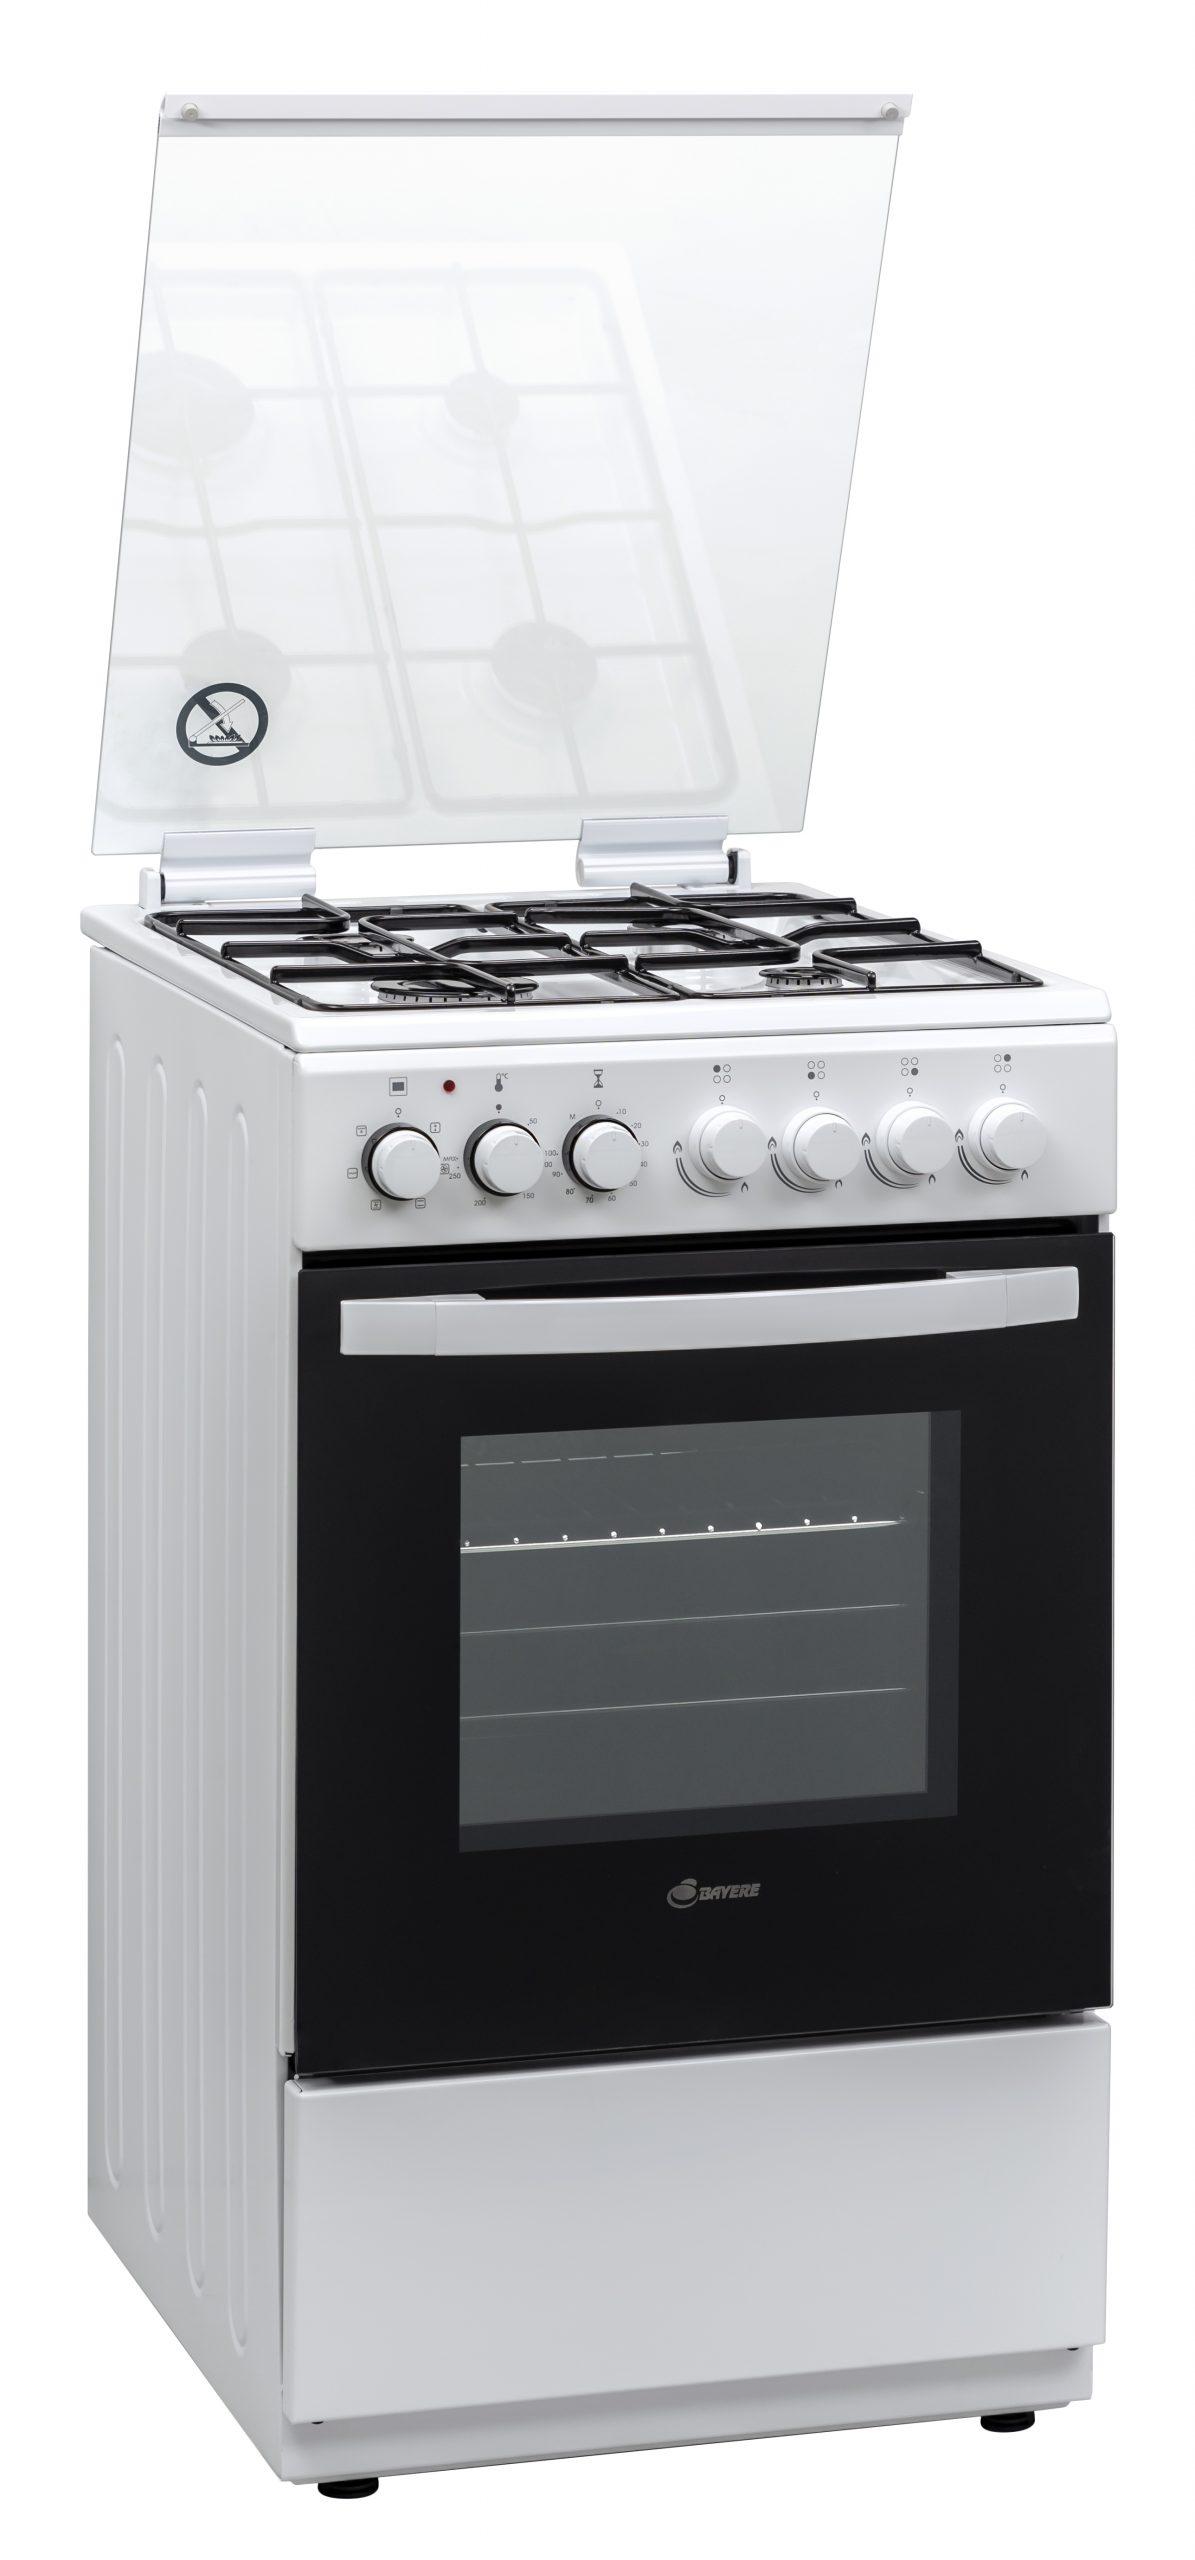 תנור אפייה משולב Bayere דגם BA5060 כולל טורבו אקטיבי!